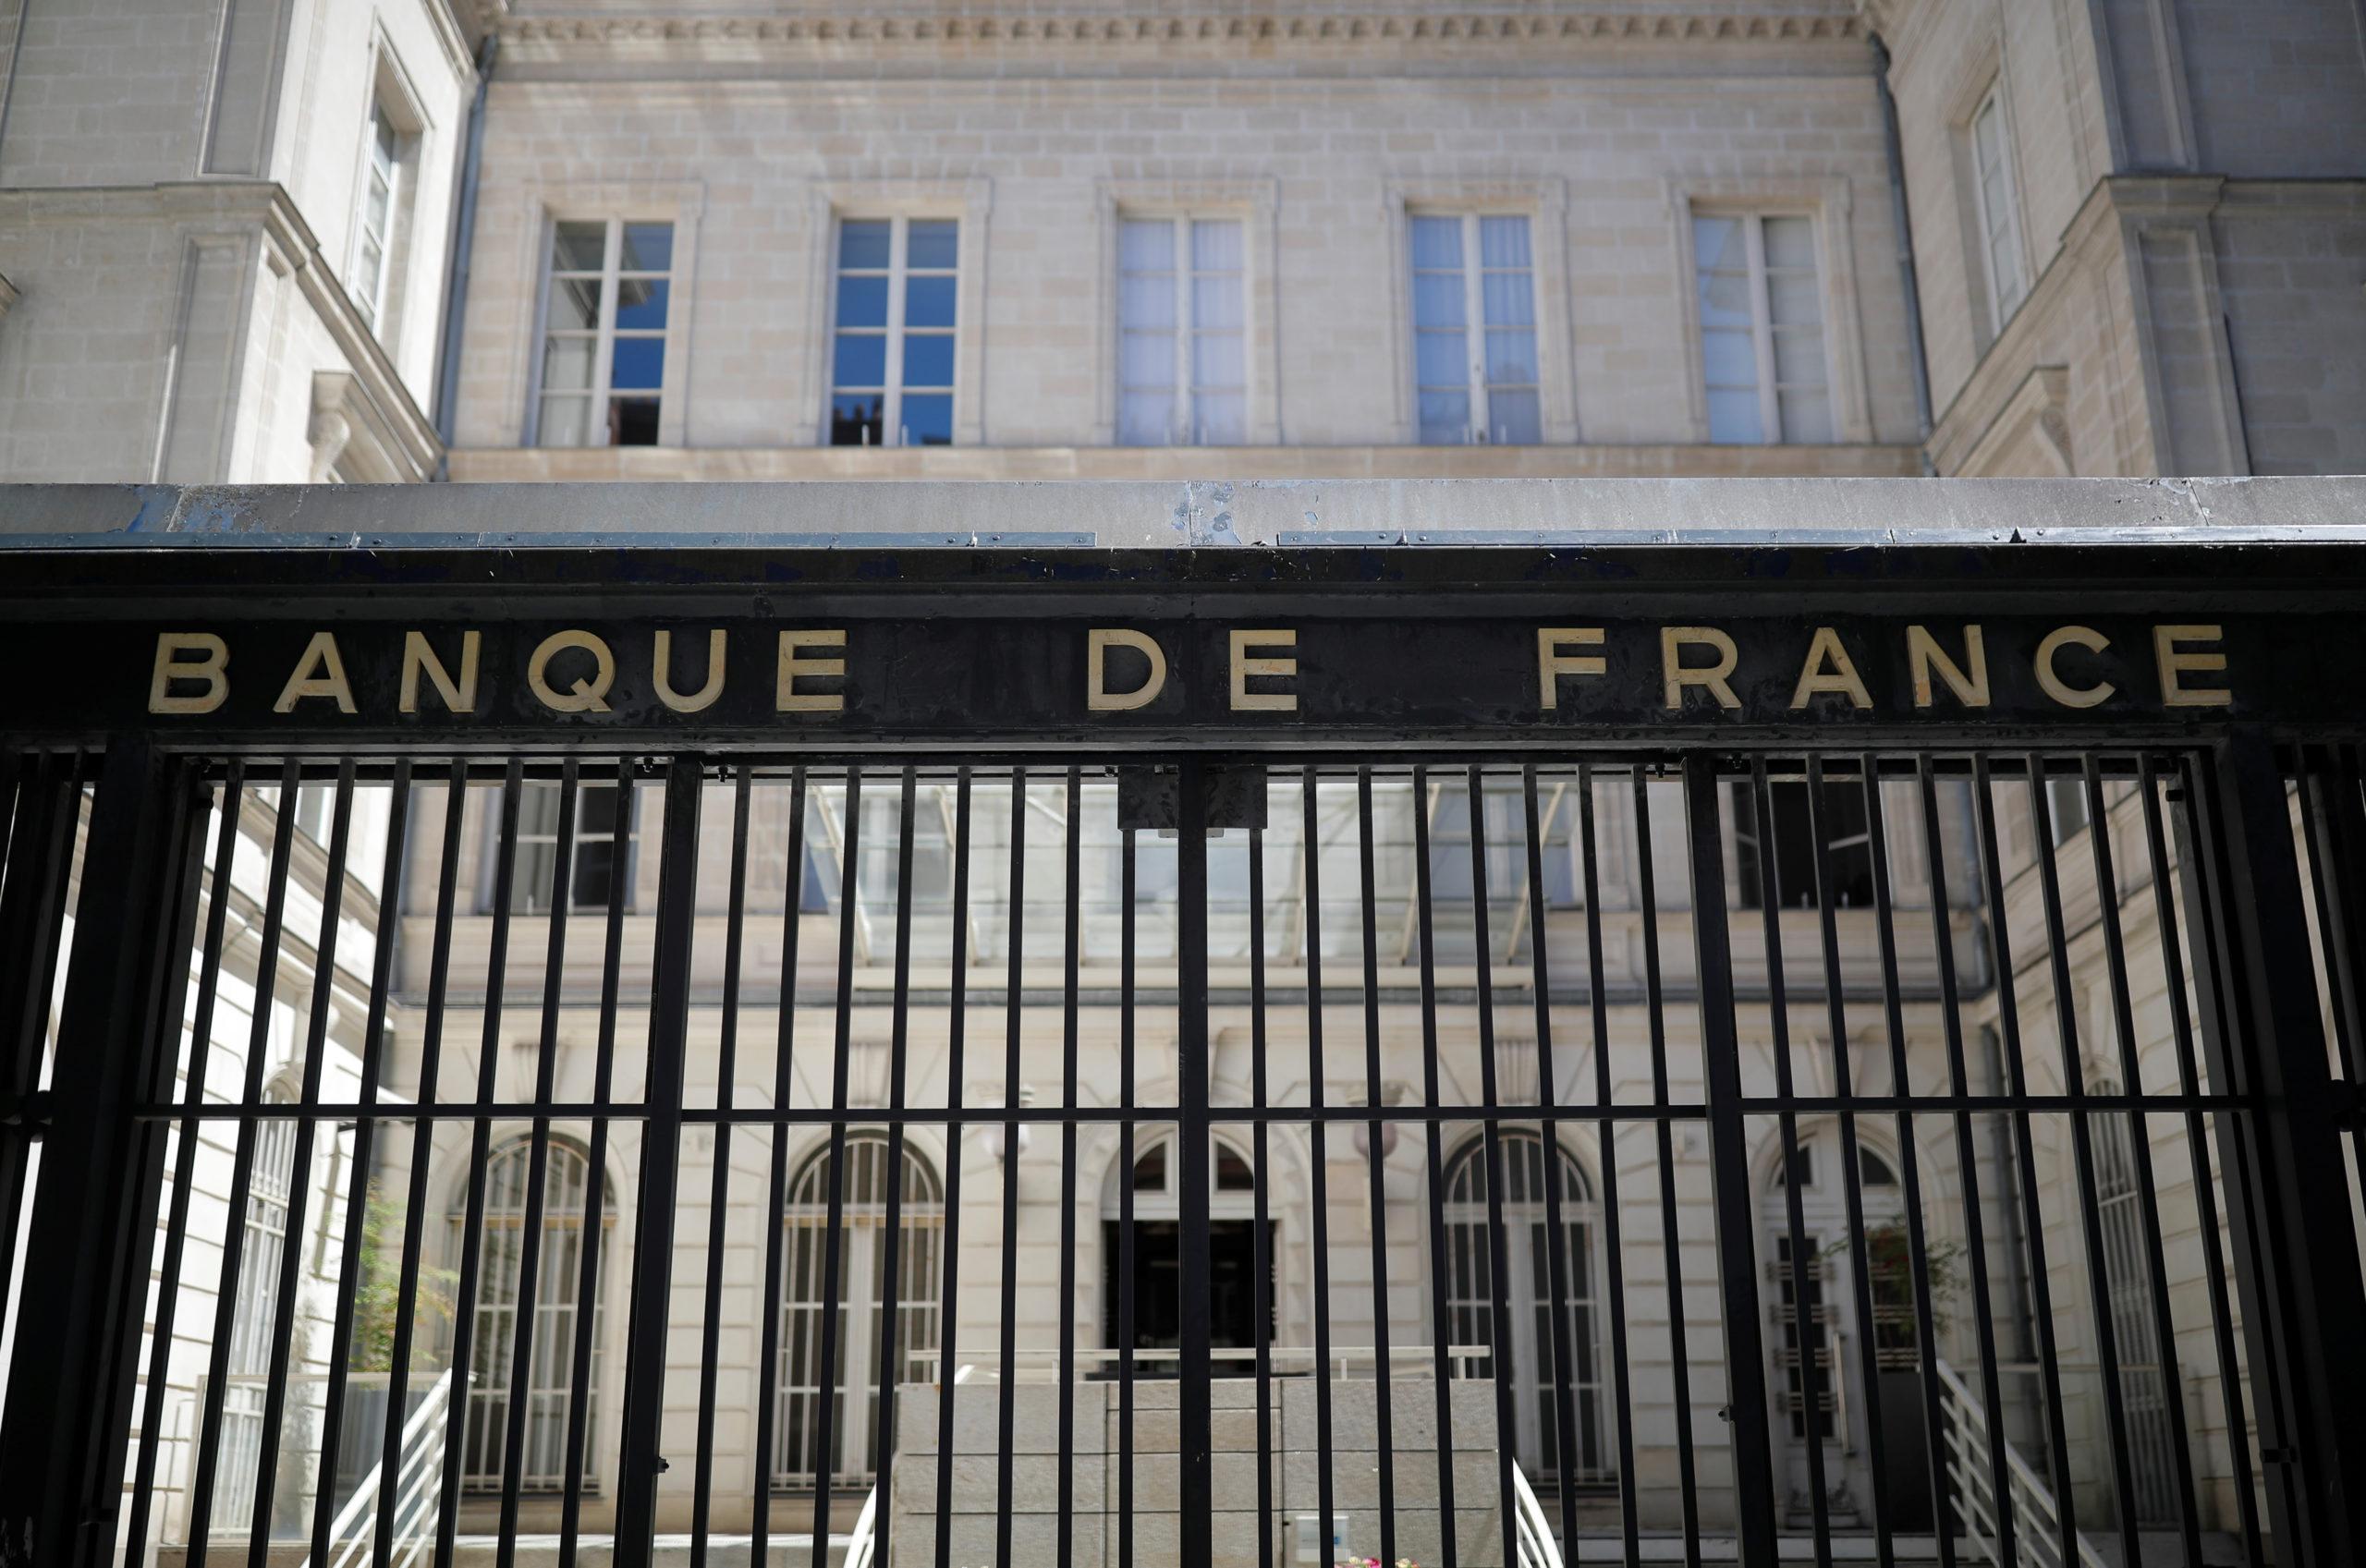 La Banque de France prévoit une contraction moins forte que prévu du PIB en 2020, de -8,7%